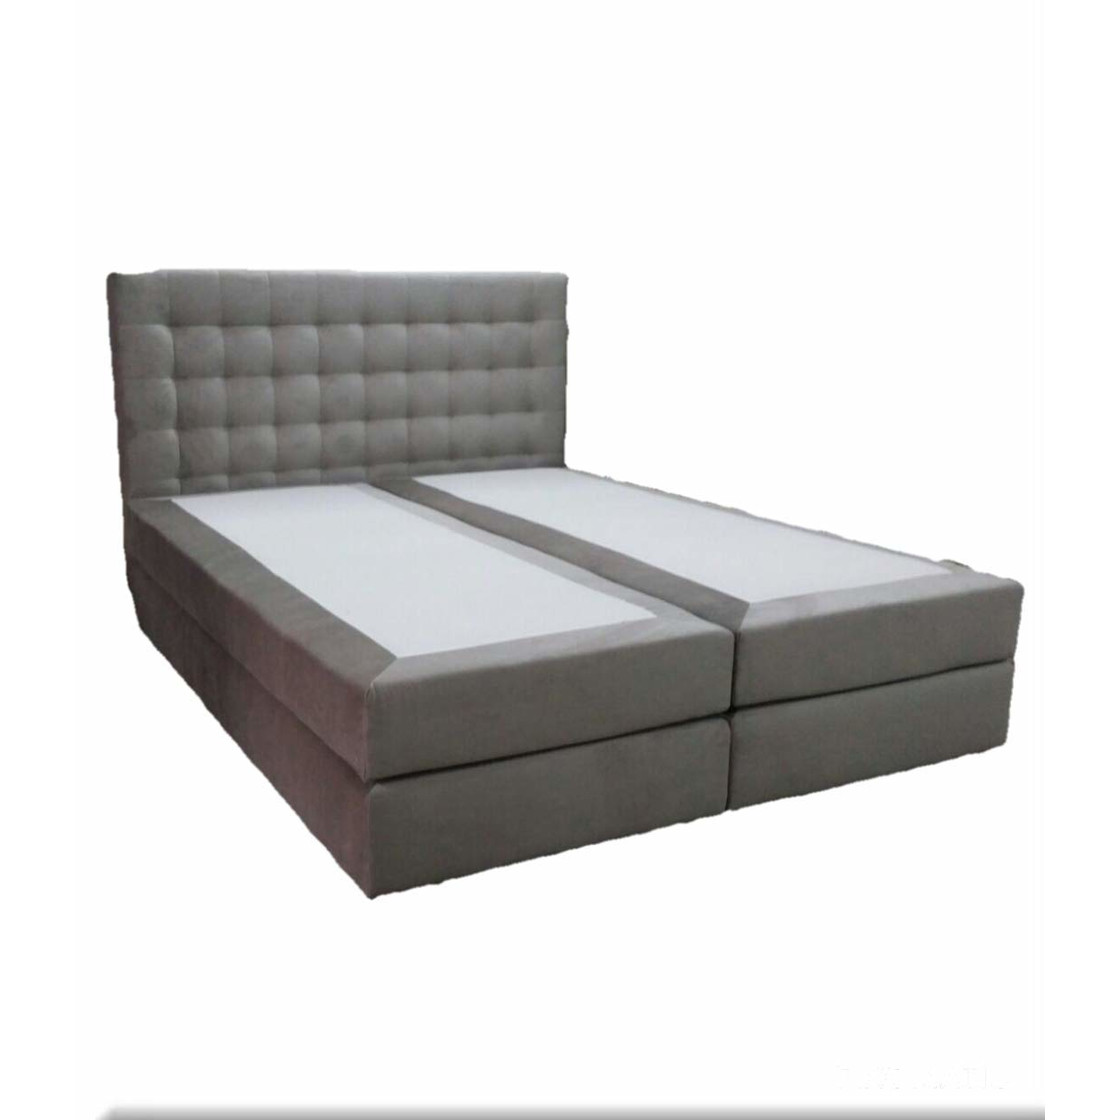 Full Size of Boxspringbett Doppelbett Bett Mit Style Liegeflche 180x200 Großes Amazon Betten Japanische Selber Zusammenstellen Schlicht Lattenrost Und Matratze Weisses 1 Bett 180x200 Bett